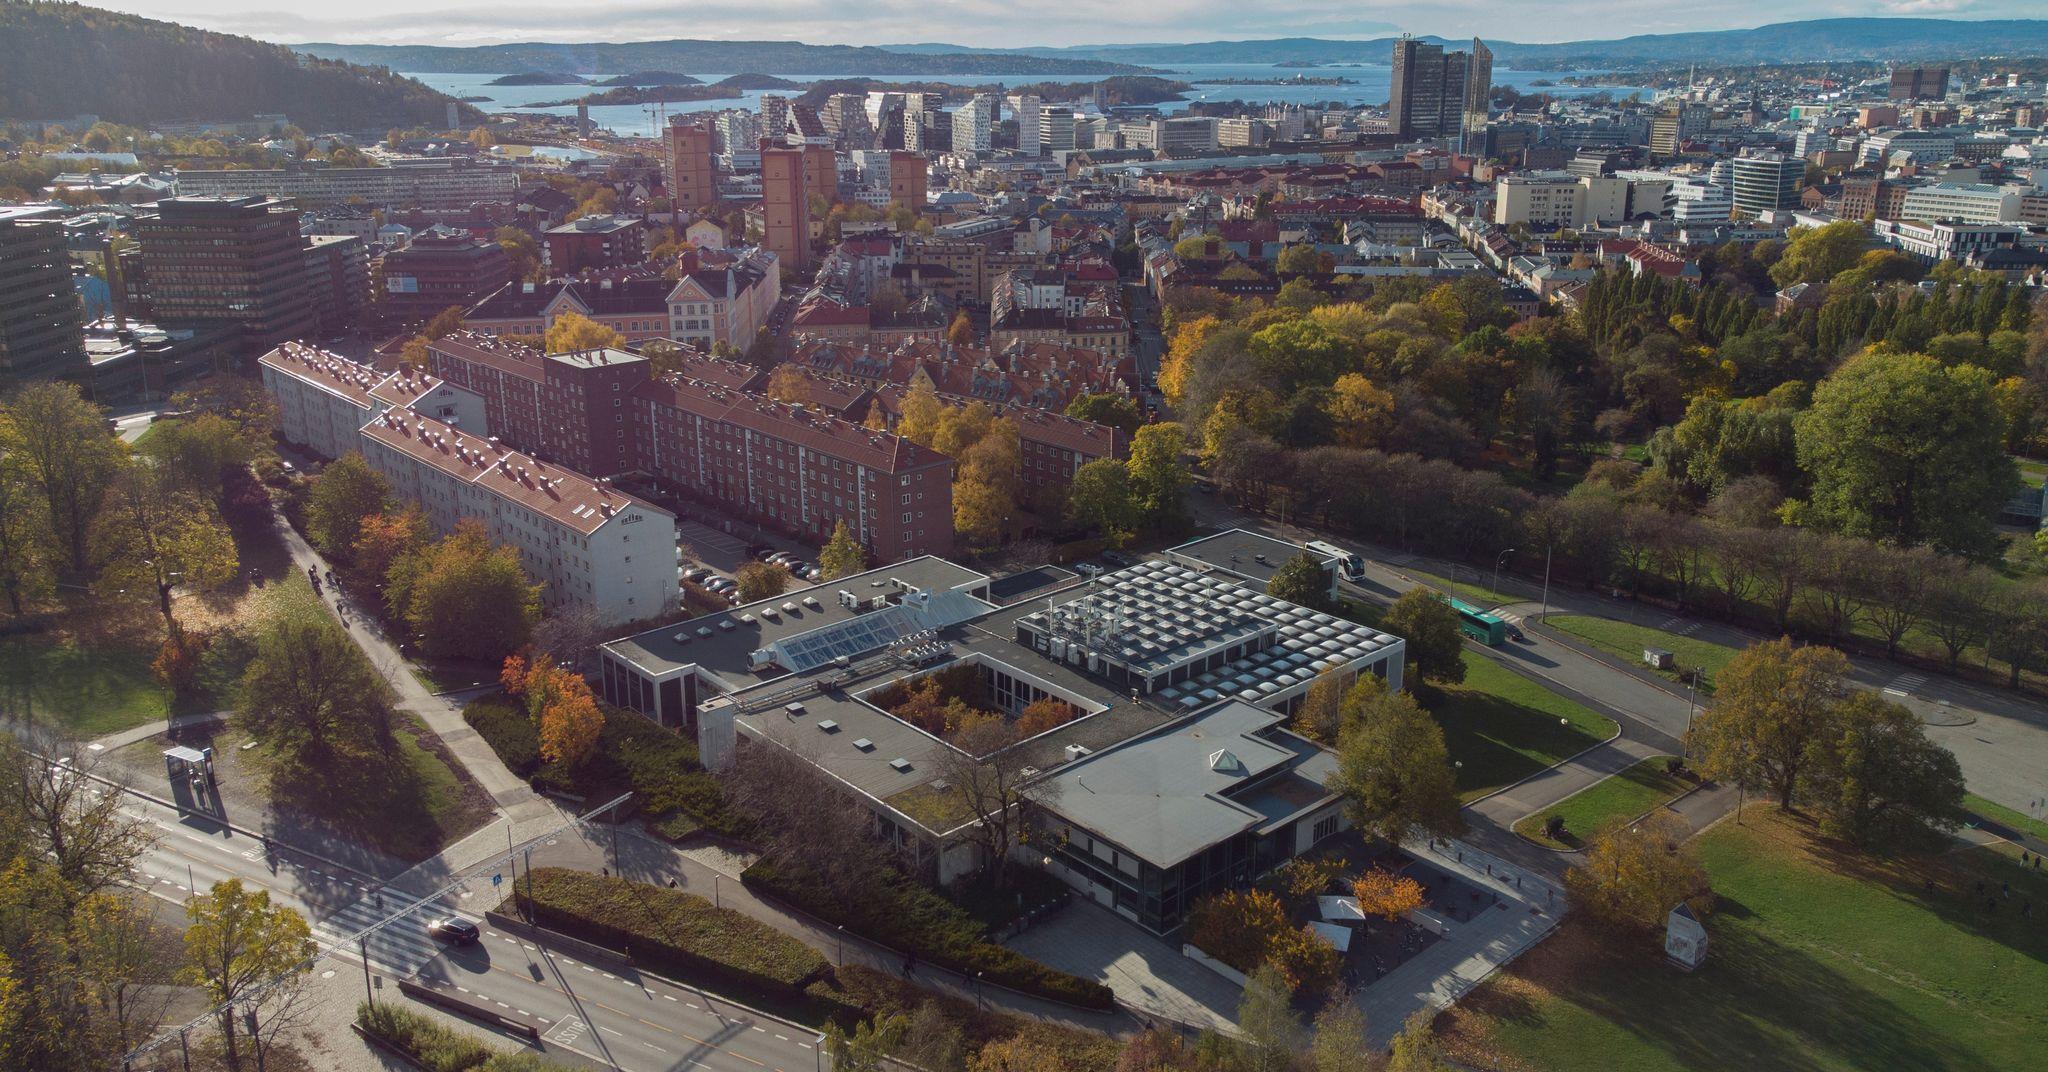 I 13 år har man visst at Munchmuseet på Tøyen skal flytte. Oslo kommune har fortsatt ingen plan for bygget.